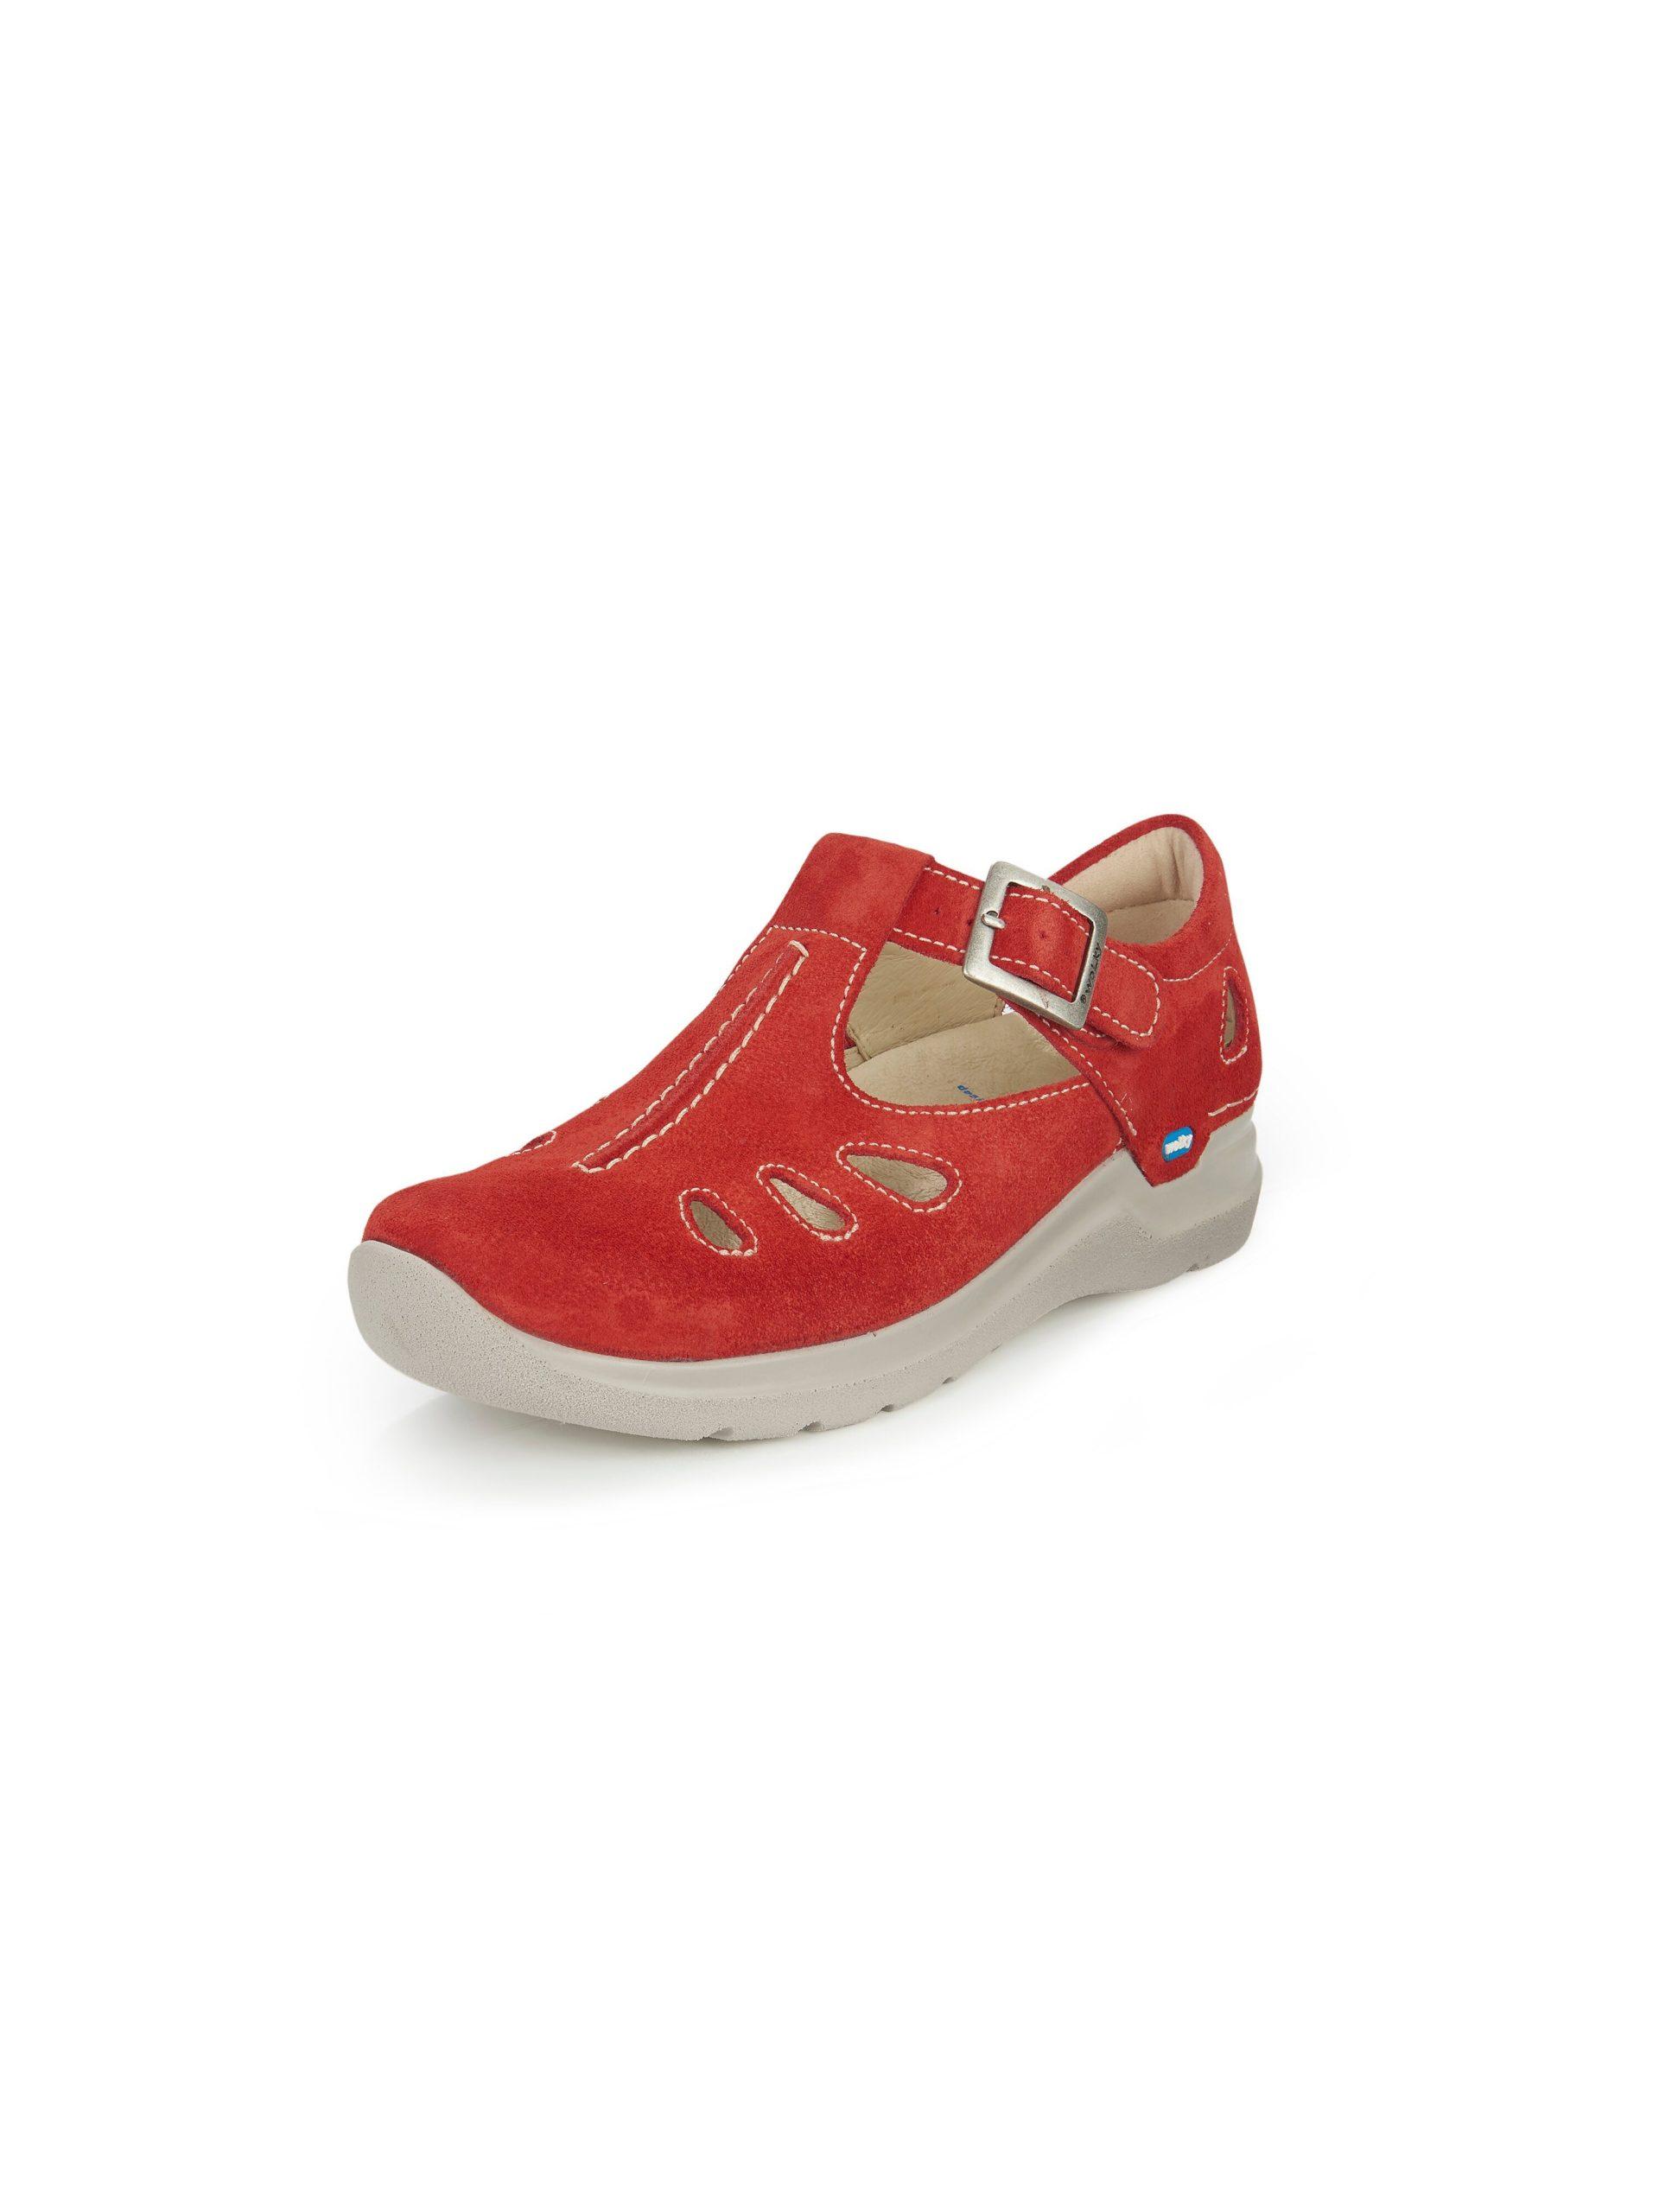 Schoenen Van Wolky rood Kopen